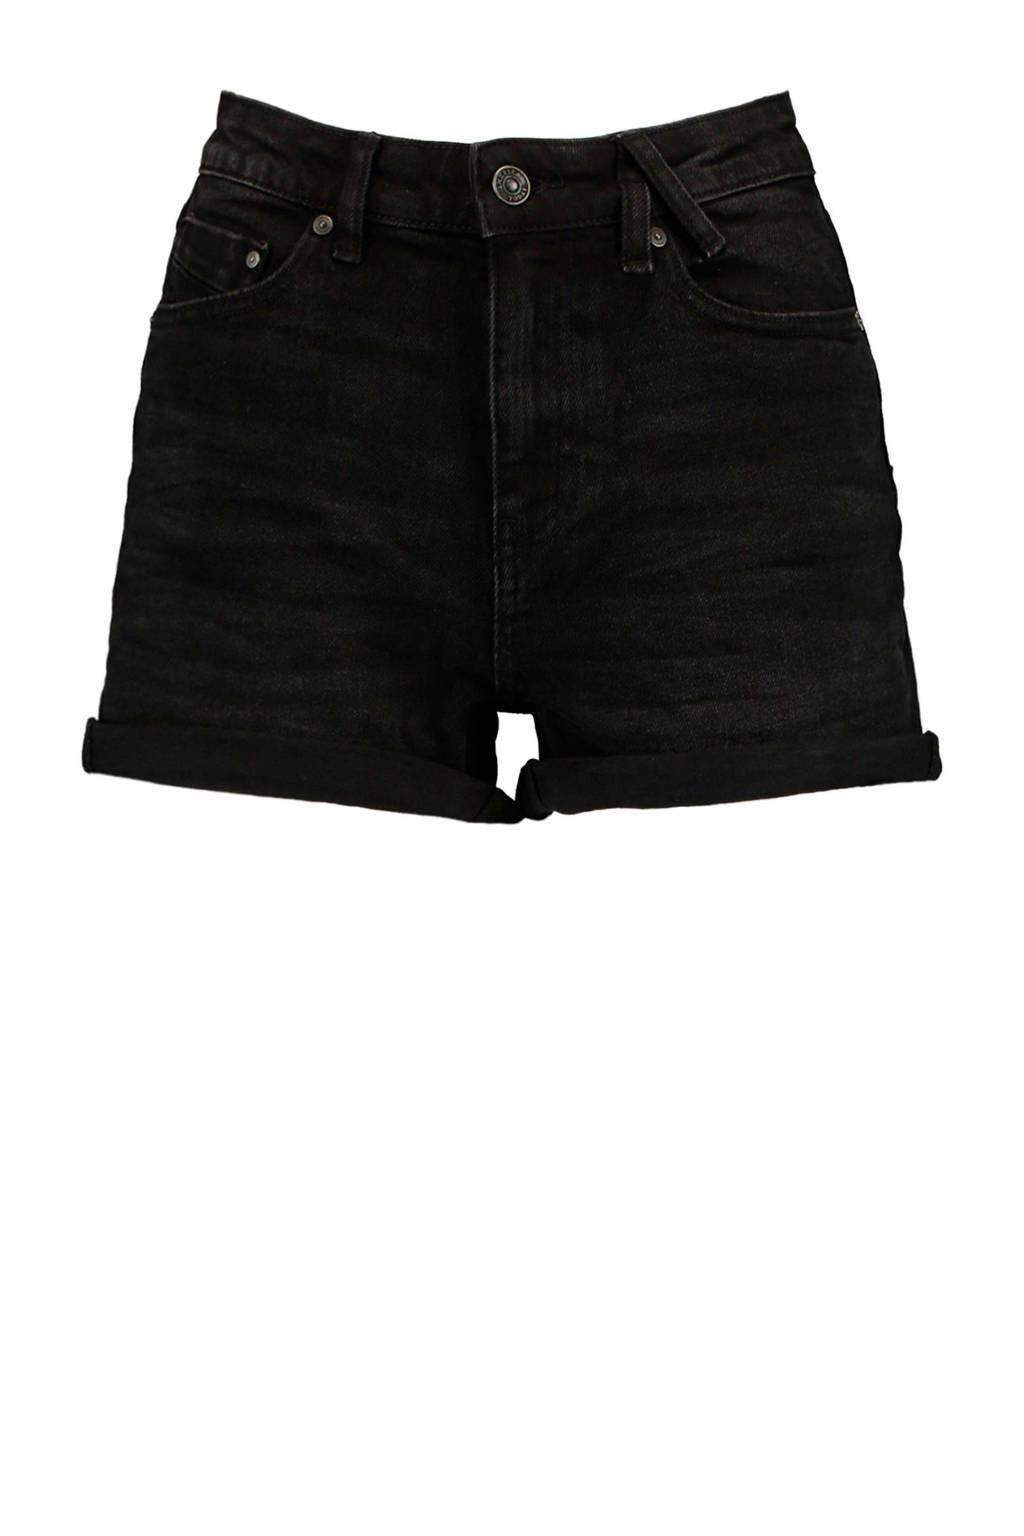 America Today high waist jeans short Lucy zwart, Zwart